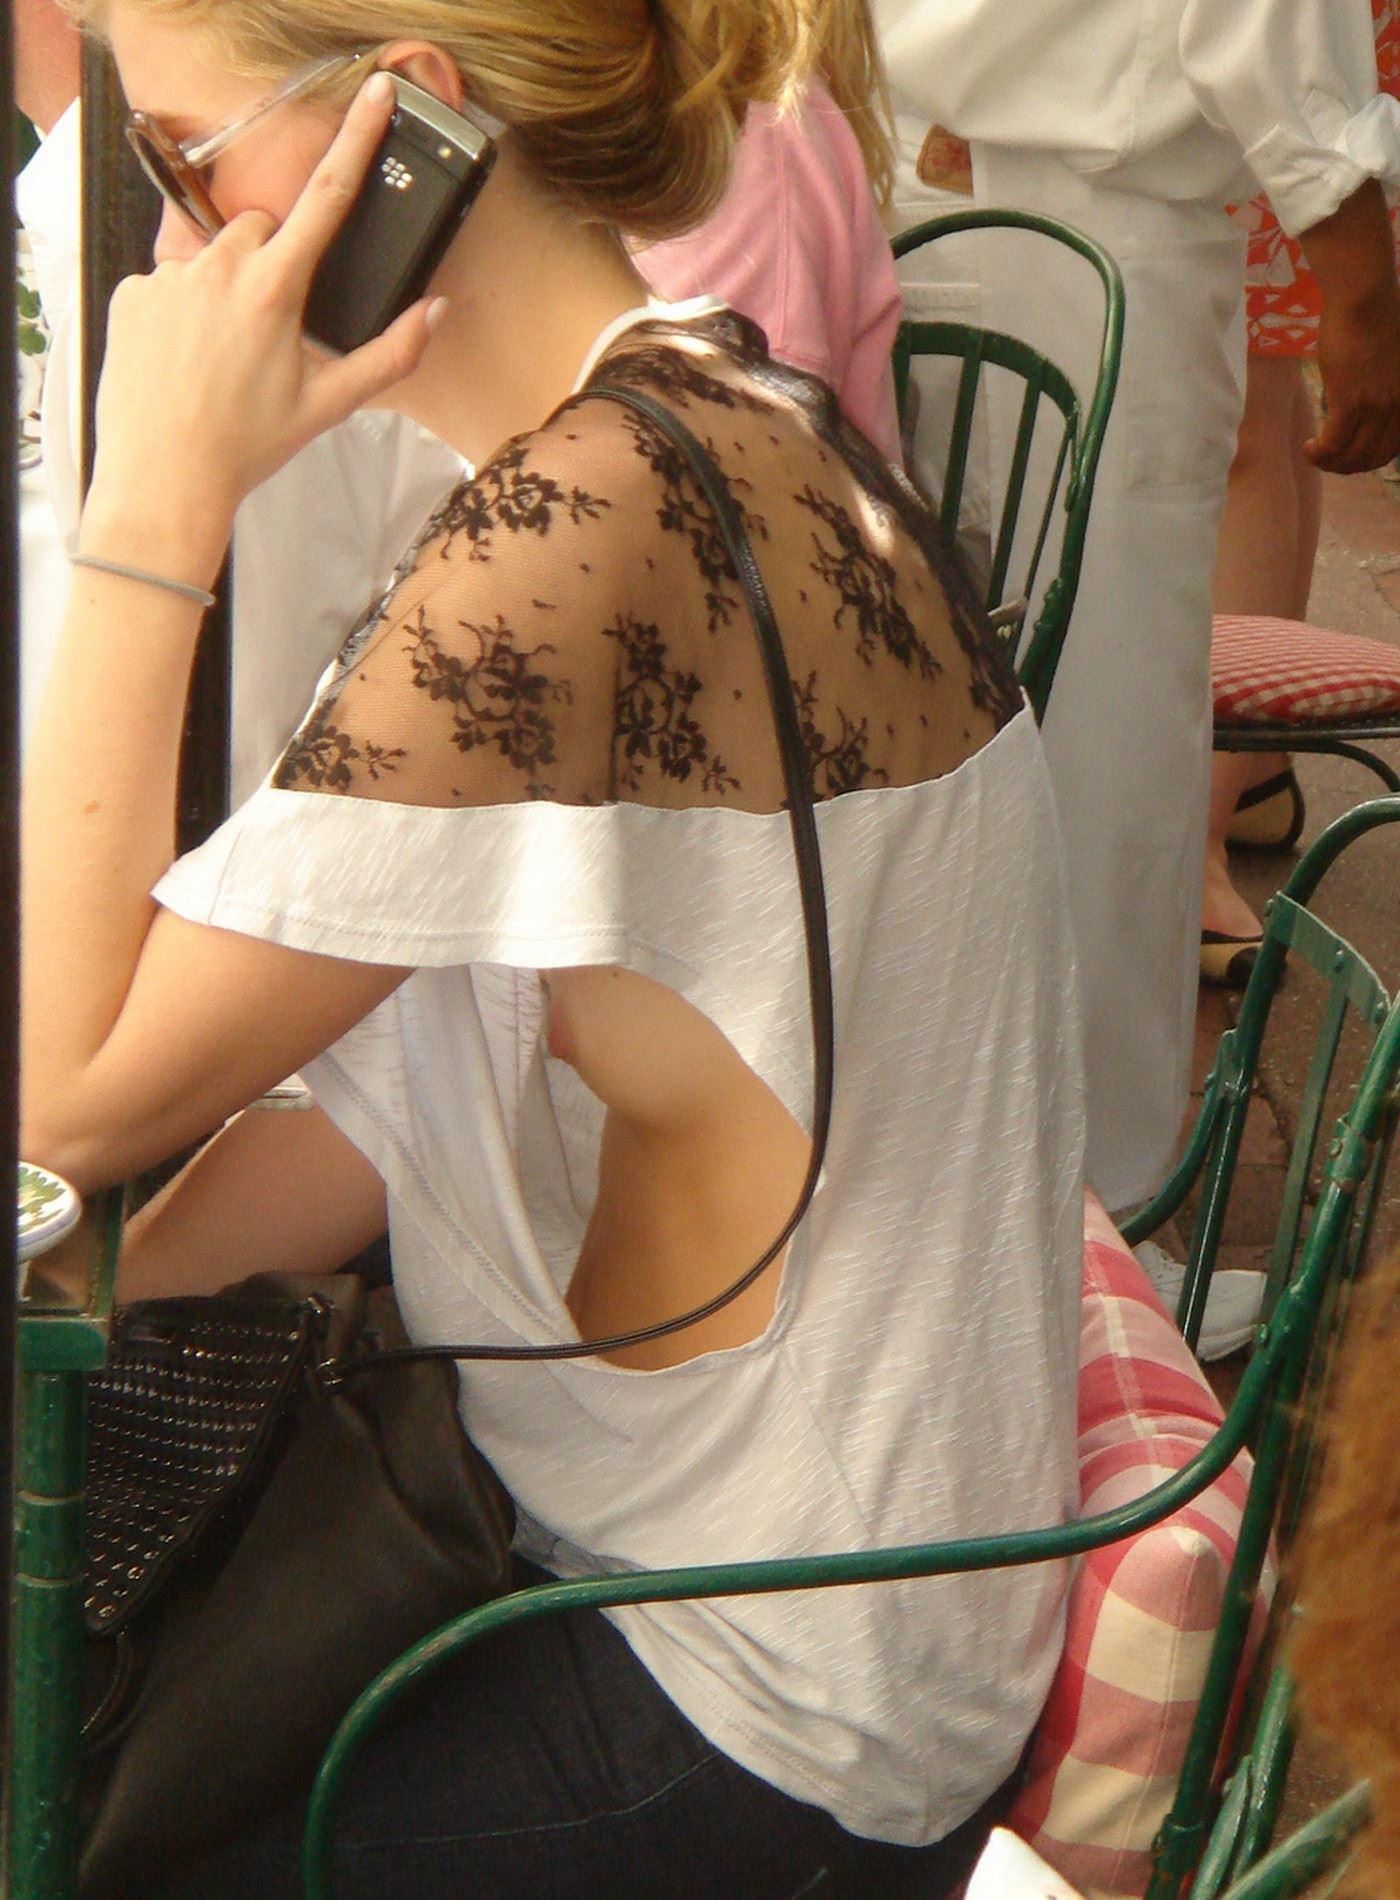 【外人】海外の素人娘たちの胸チラを激写した街撮りポルノ画像 14161